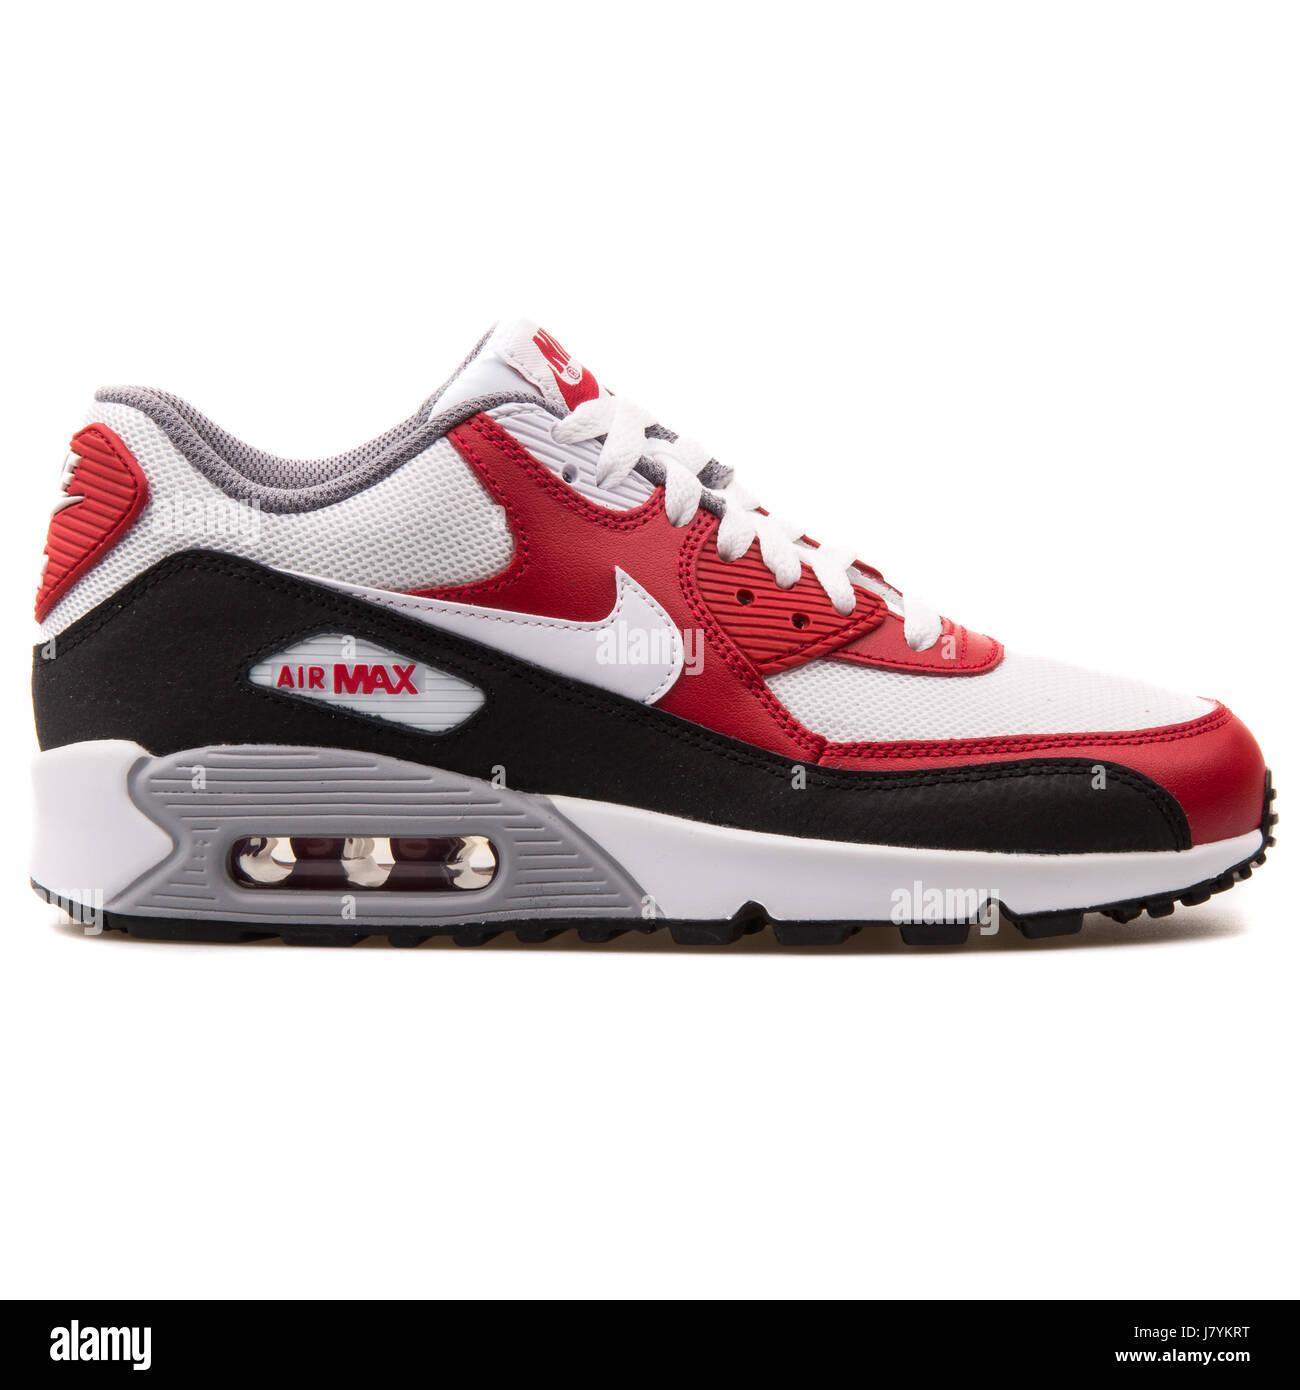 Nike Air Max 90 GS (Mesh) Rouge Blanc et Noir Chaussures de sport jeunesse 70de2412fb03